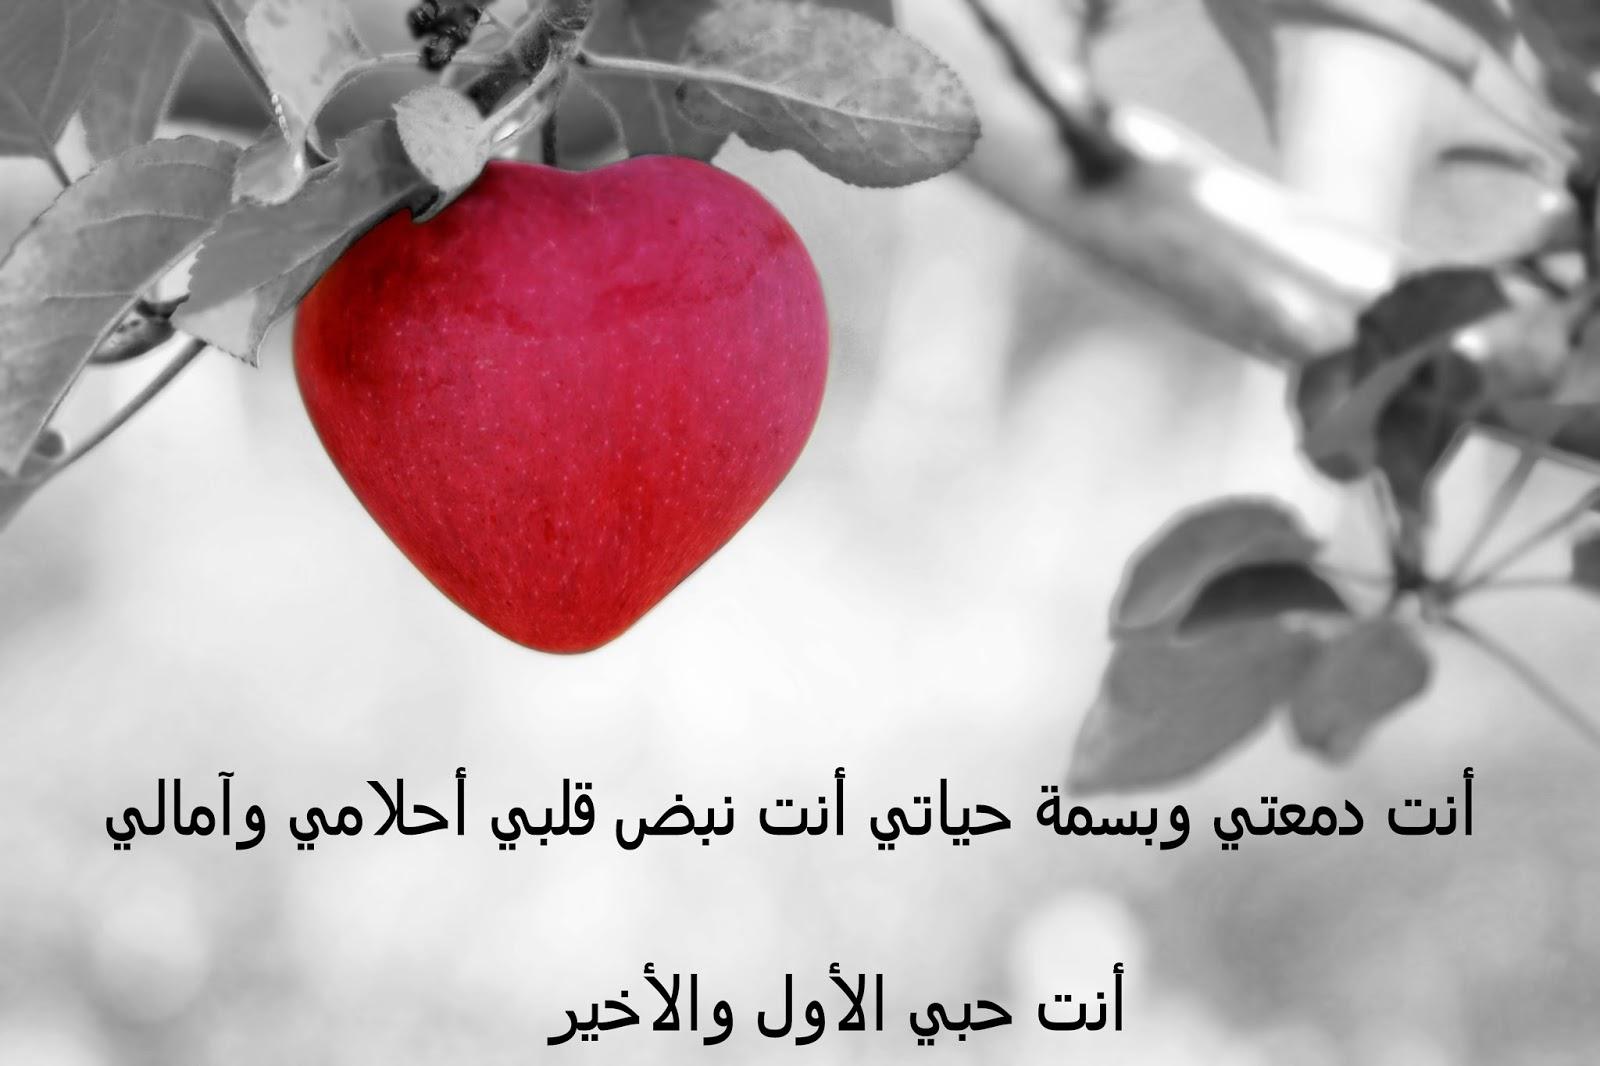 بالصور كلام جميل عن الحب , الحب وكيف تنطق الكلمات الجميله فى الحب 3440 2